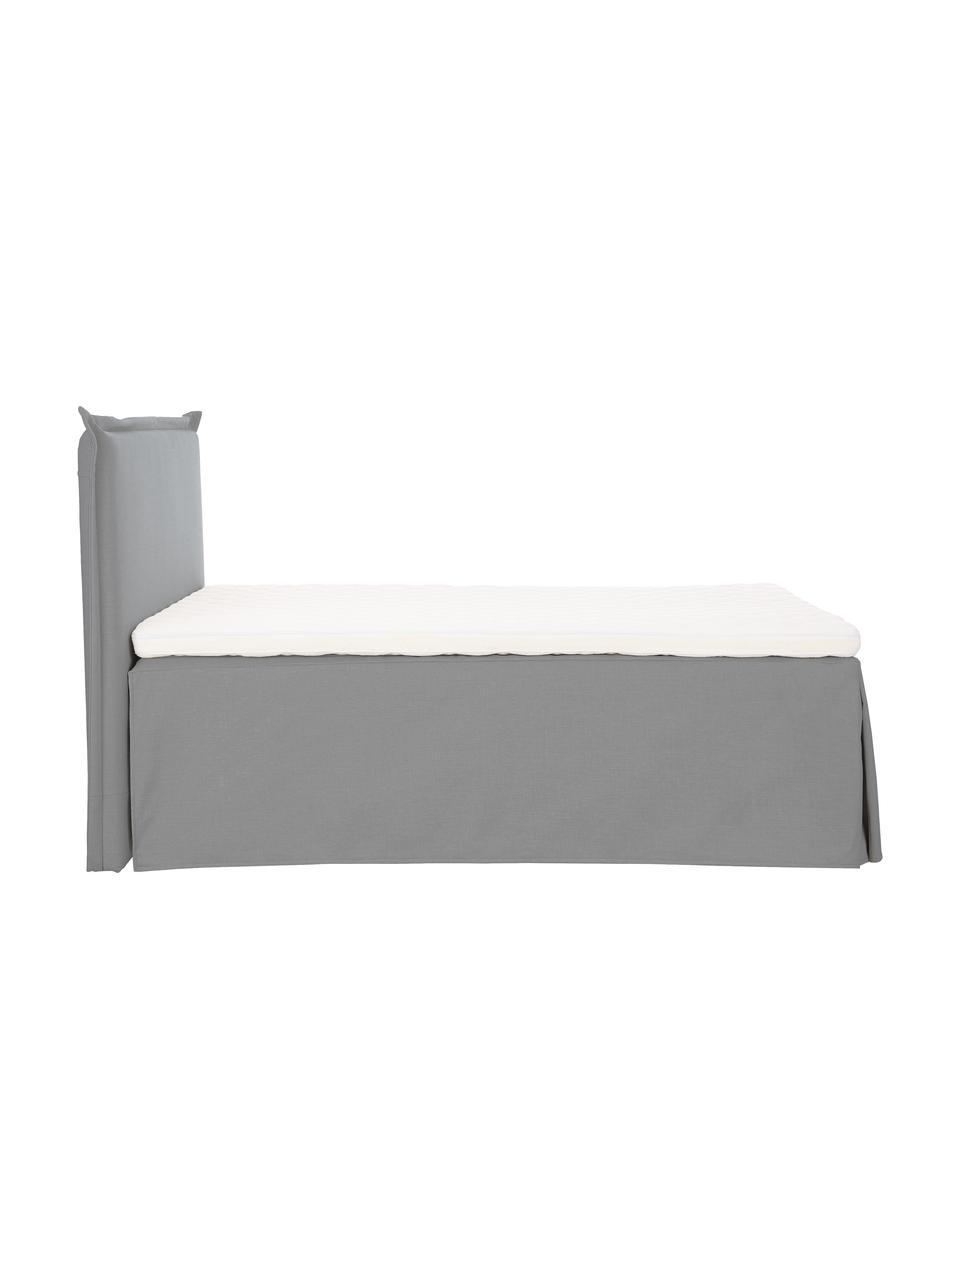 Letto boxspring premium in tessuto grigio con contenitore Eliza, Materasso: nucleo a 5 zone di molle , Piedini: legno di betulla massicci, Tessuto grigio, 140 x 200 cm